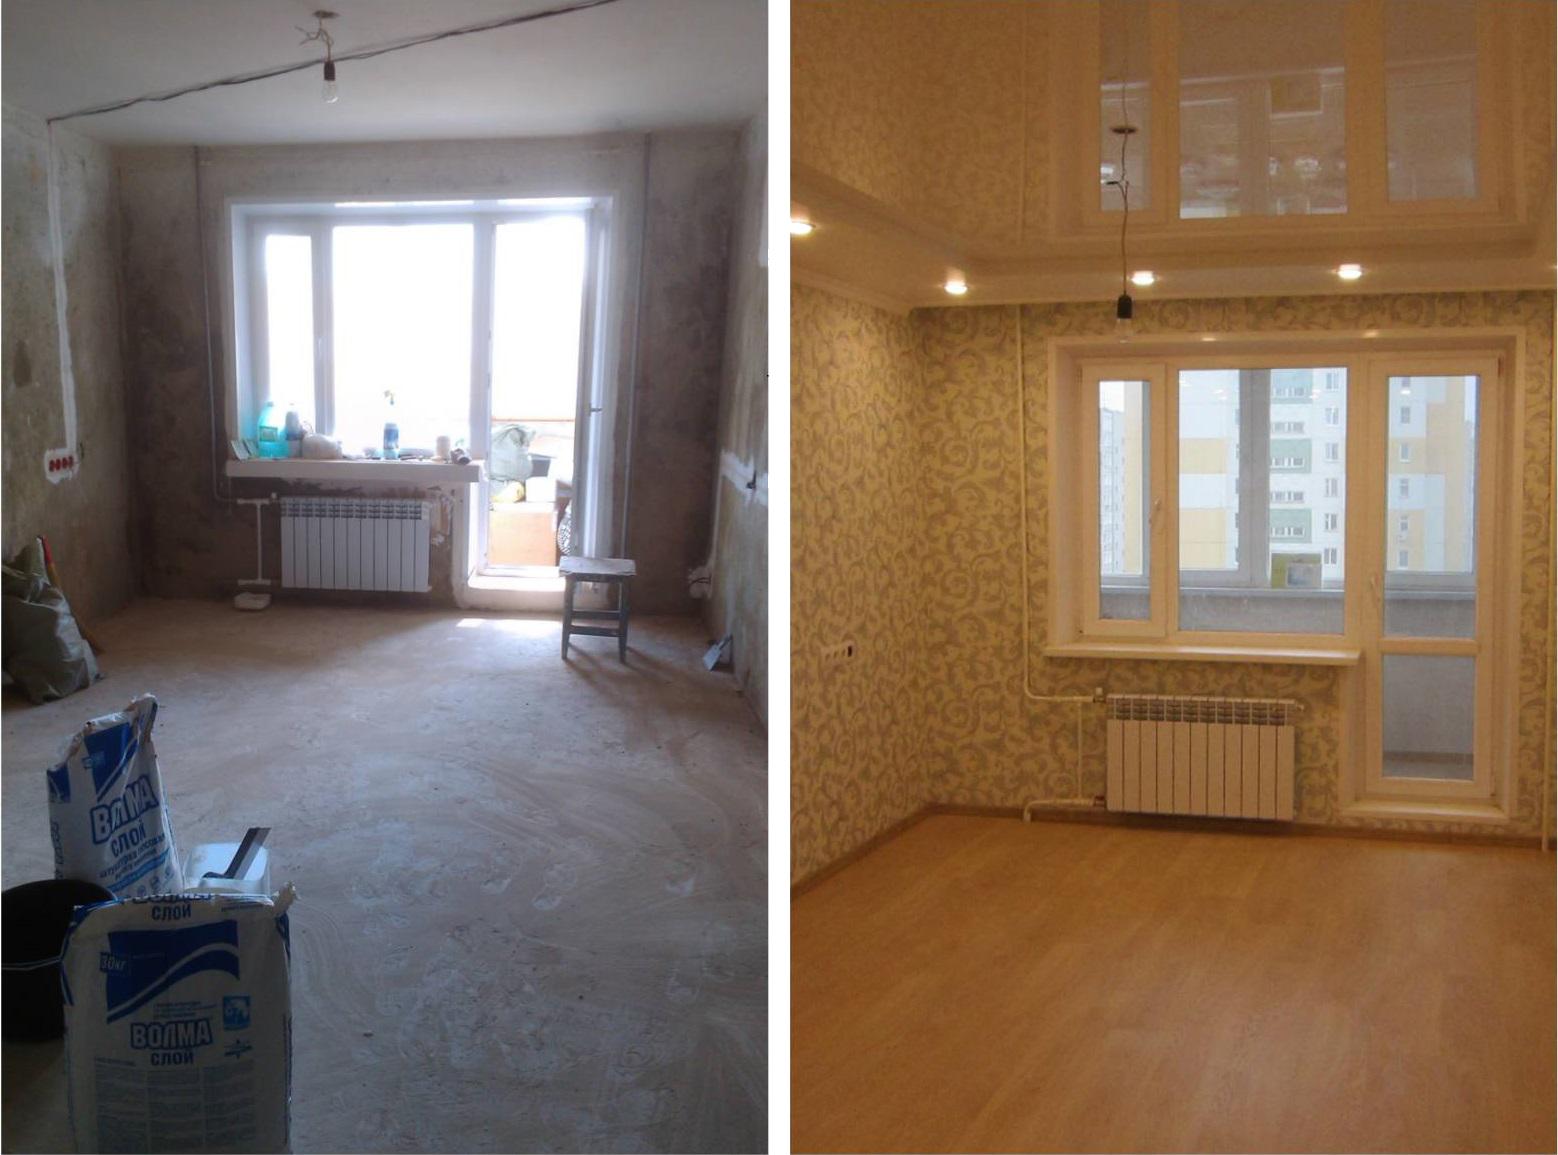 Перепланировка квартиры в ипотеке у Сбербанка в 2018 году